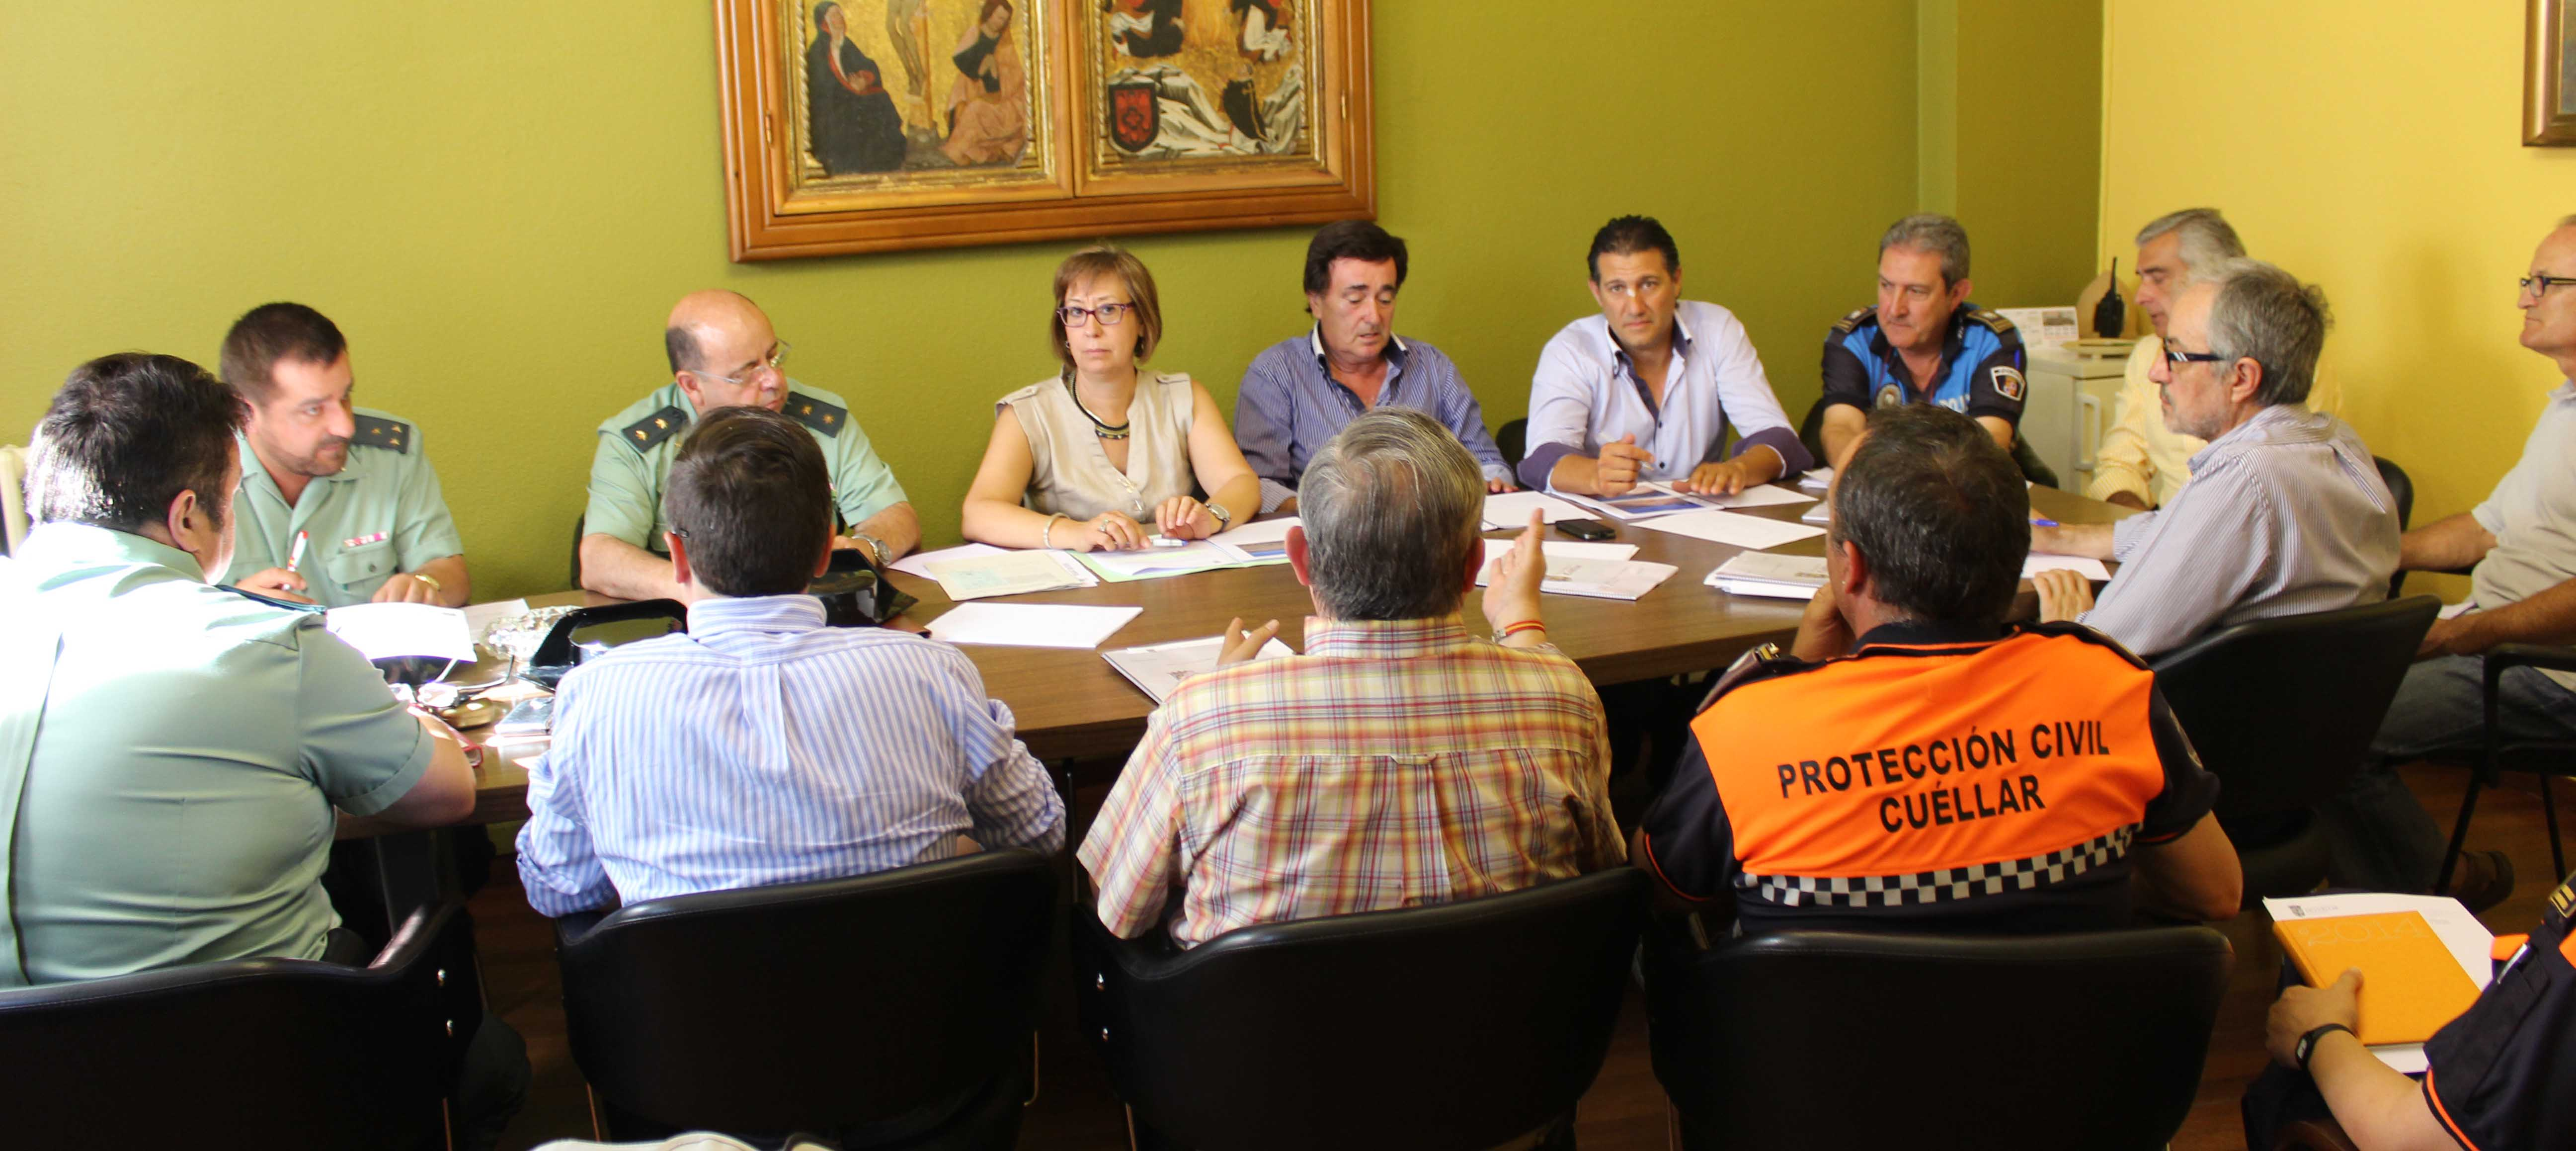 Un momento de la Junta de Seguridad celebrada en Cuéllar. /J.M.